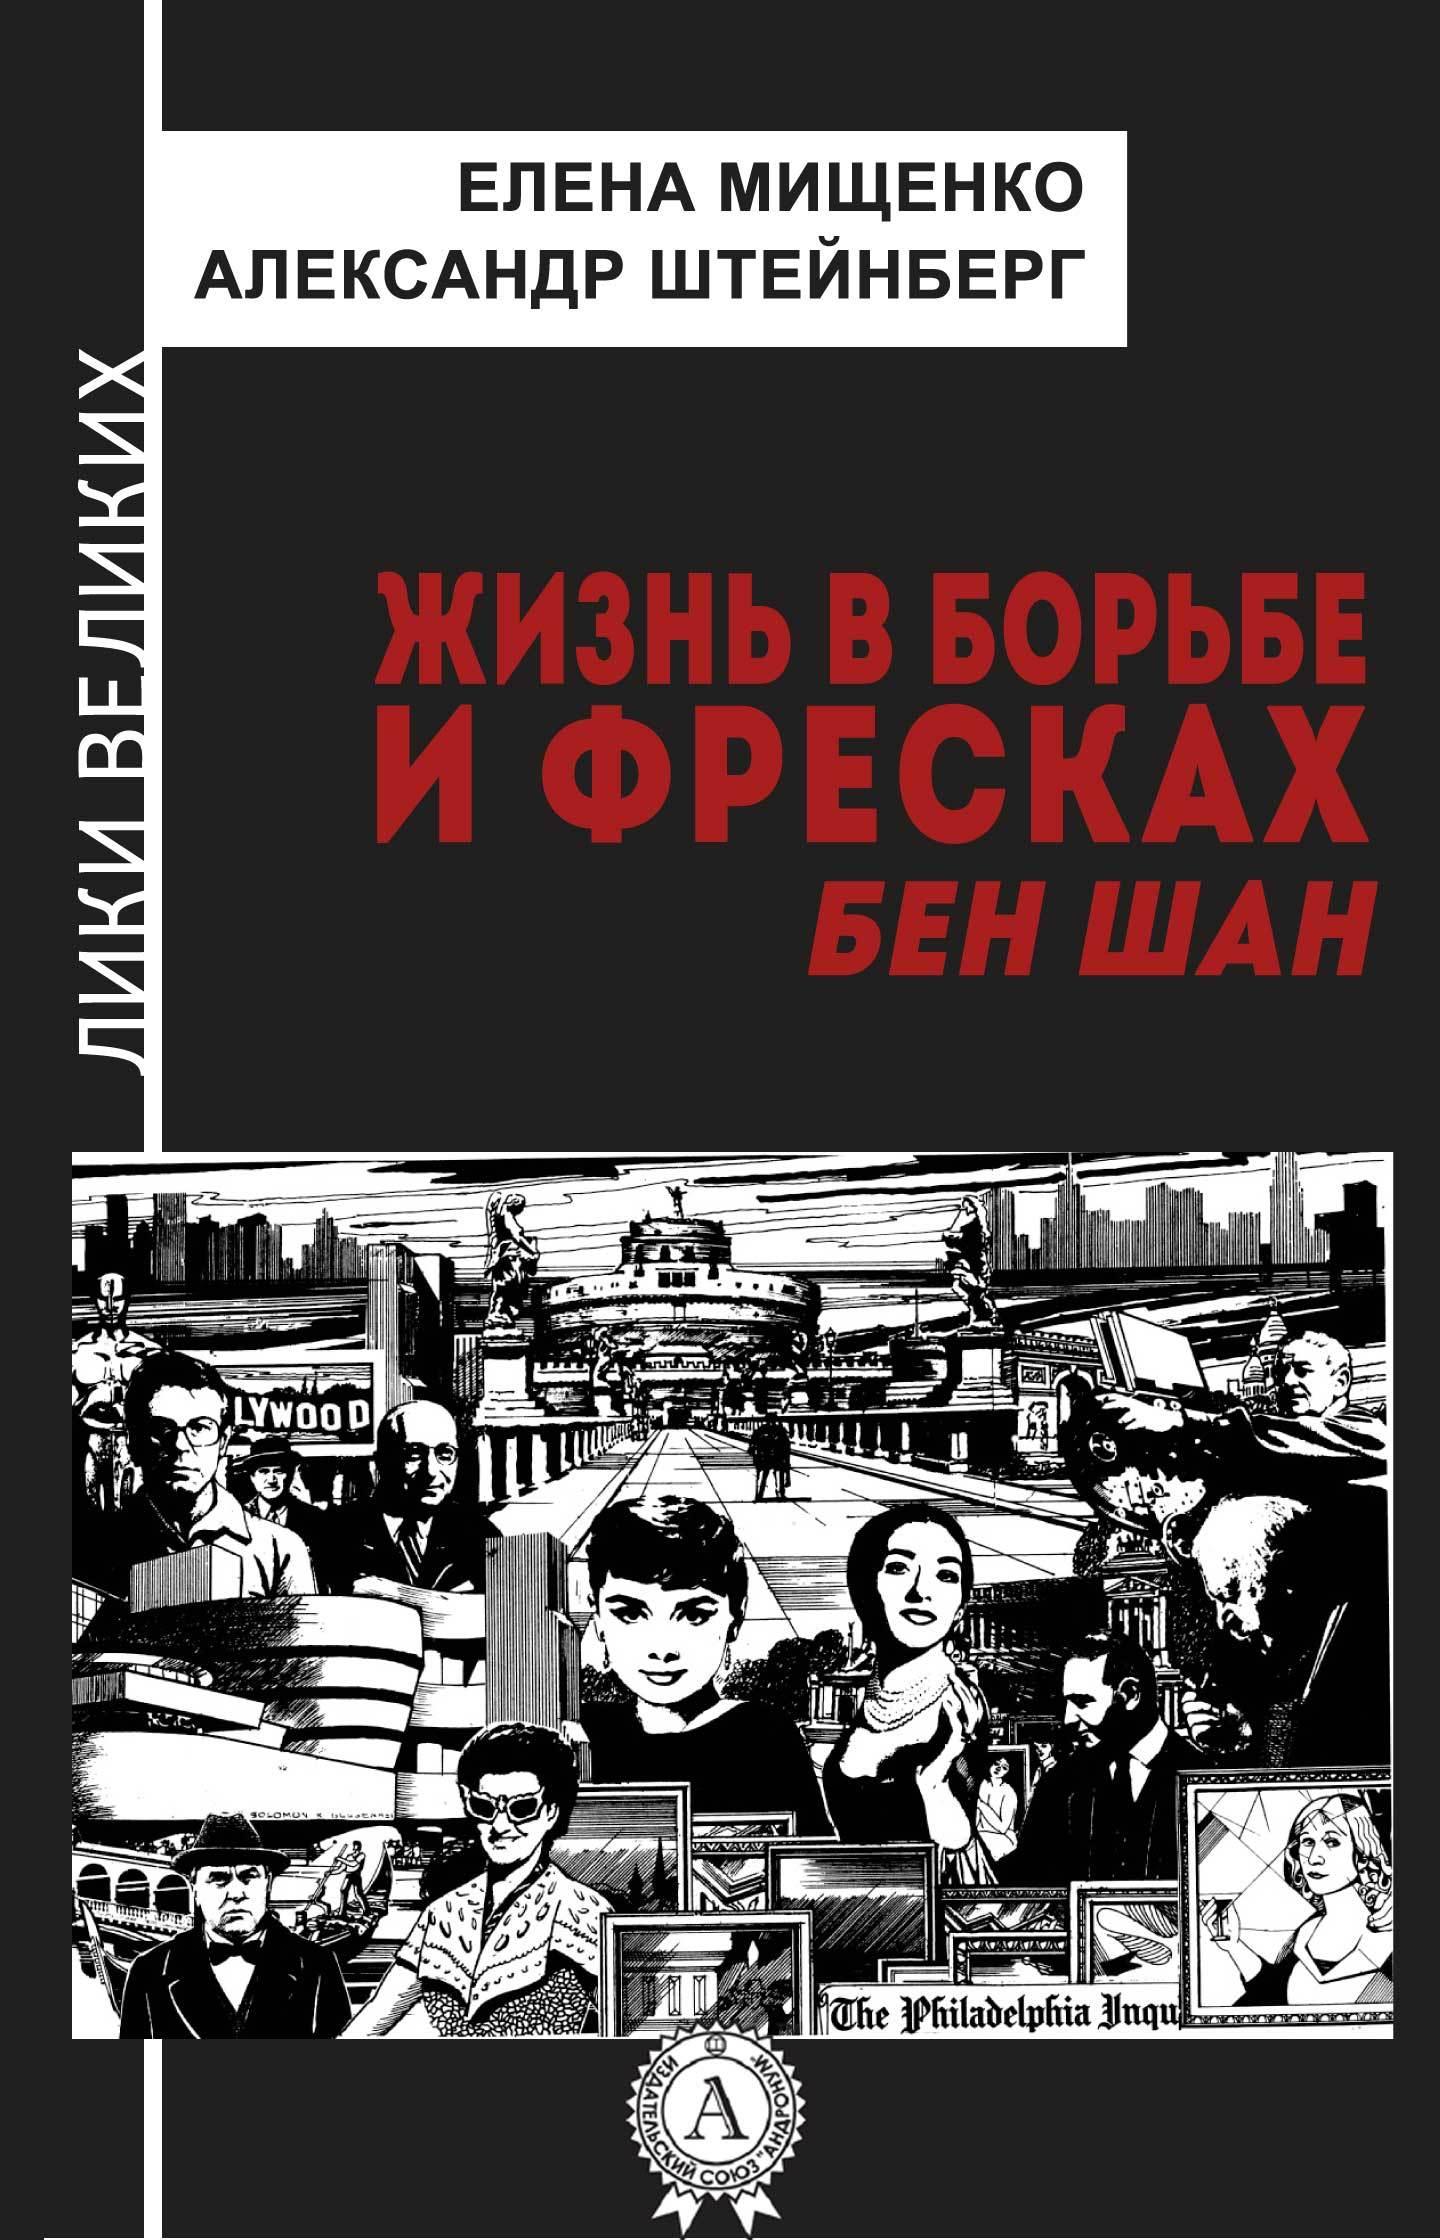 Обложка книги Жизнь в борьбе и фресках. Бен Шан, автор Мищенко, Елена